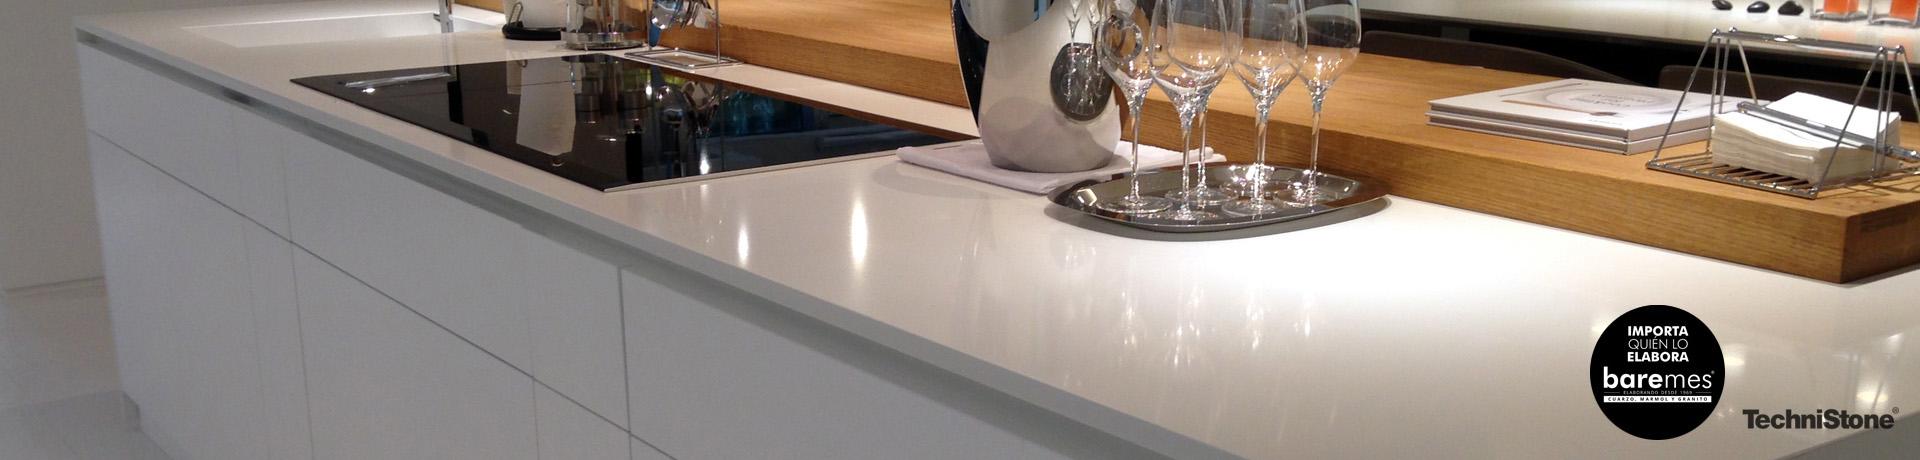 mesadas de cocina modernas al precio de un buen granito